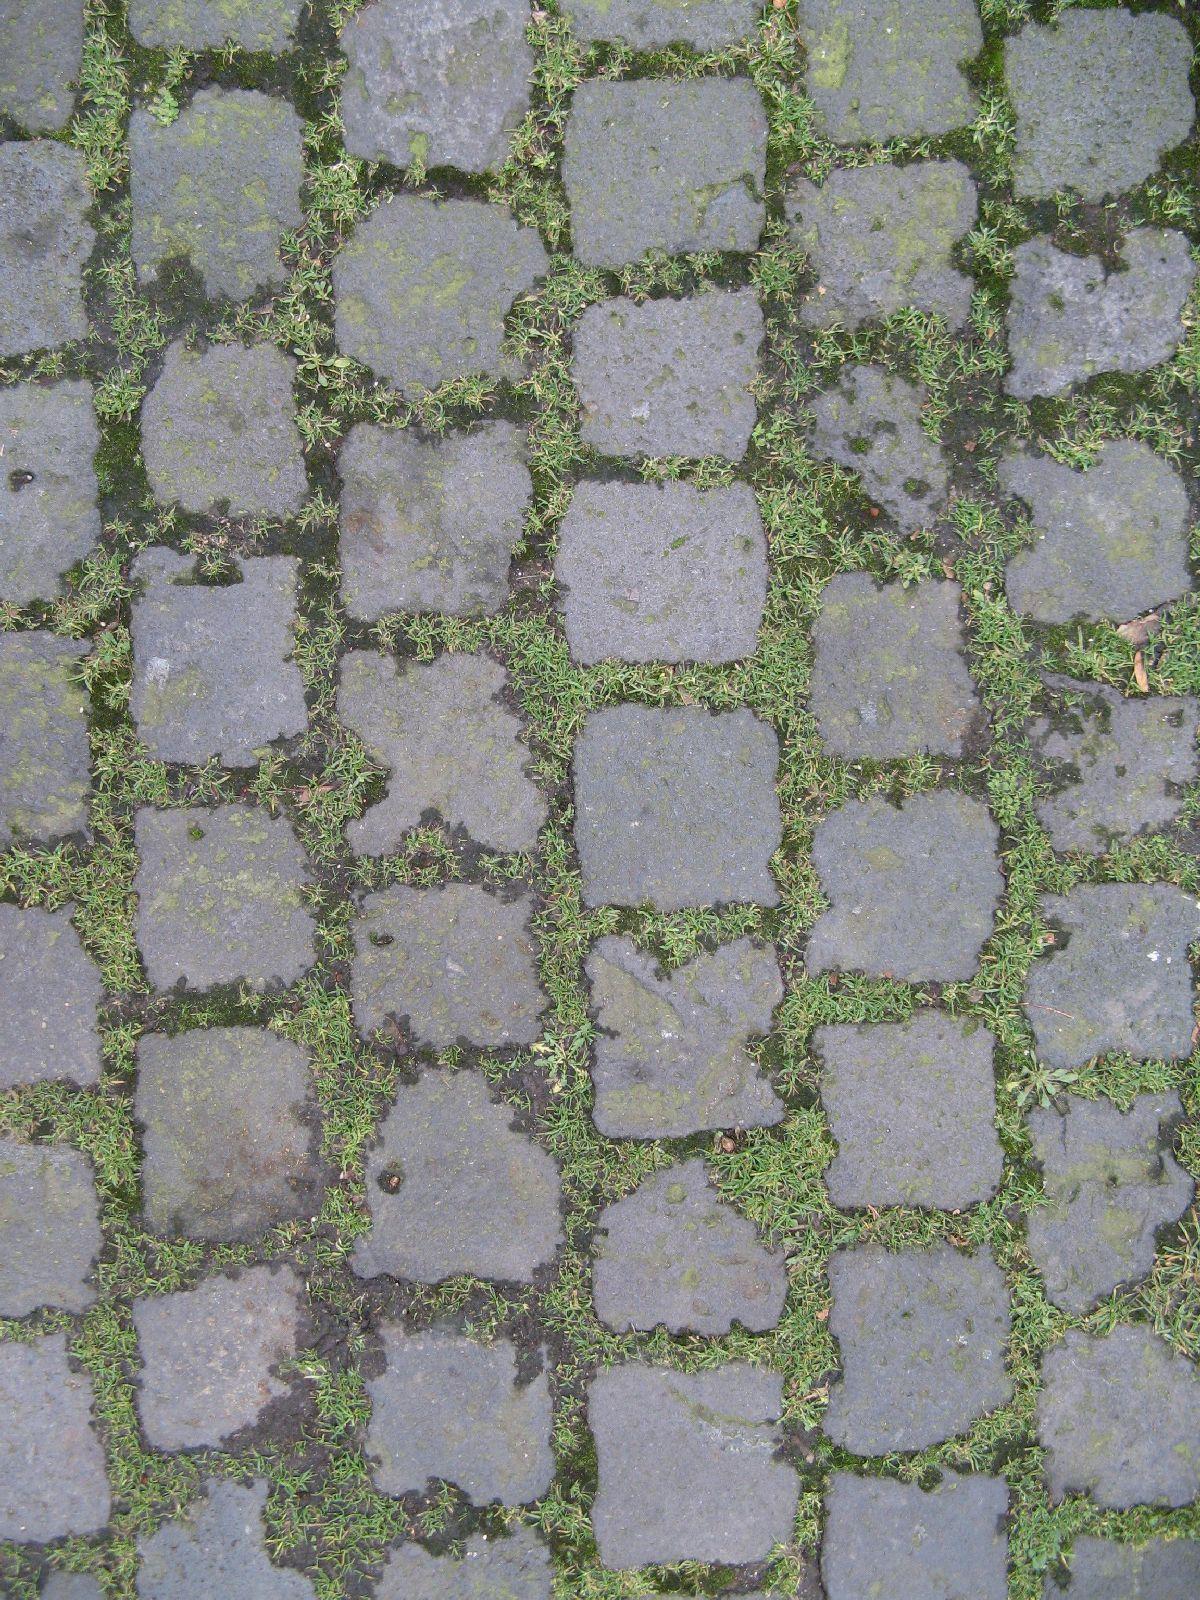 Boden-Gehweg-Strasse-Buergersteig-Textur_B_1587